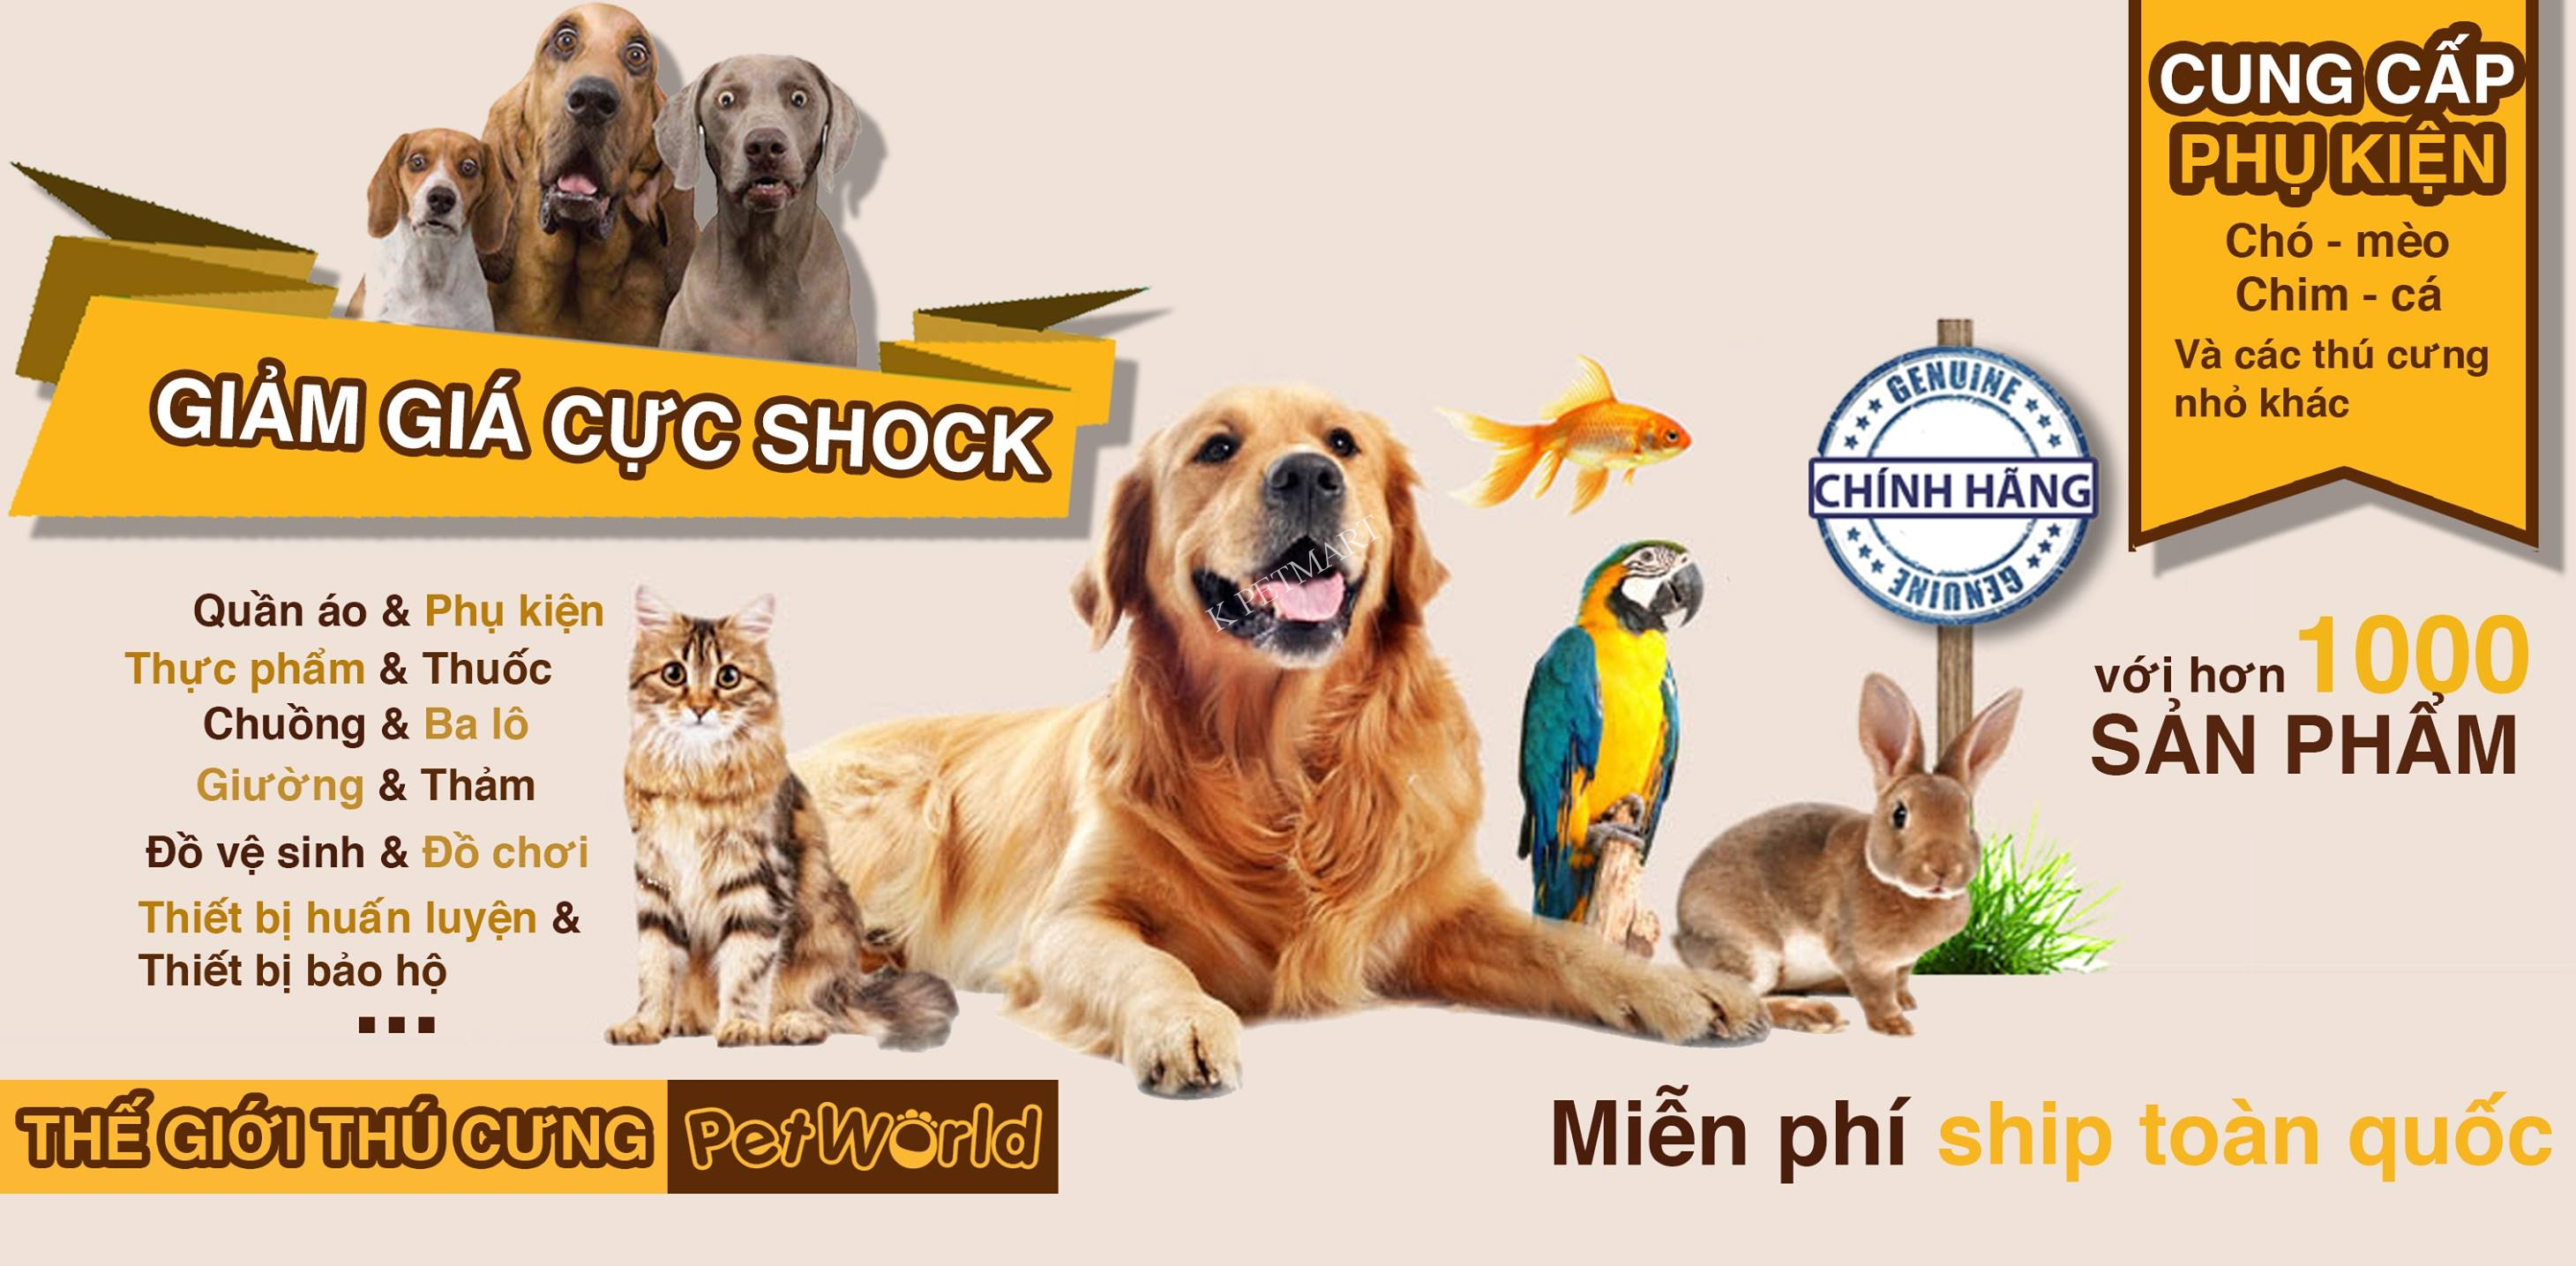 KPETMART- siêu thị thú cưng đà nẵng-bán hamster và thức ăn, đồ dùng hamster 37592135_2021226088189548_9088413405521379328_o_2